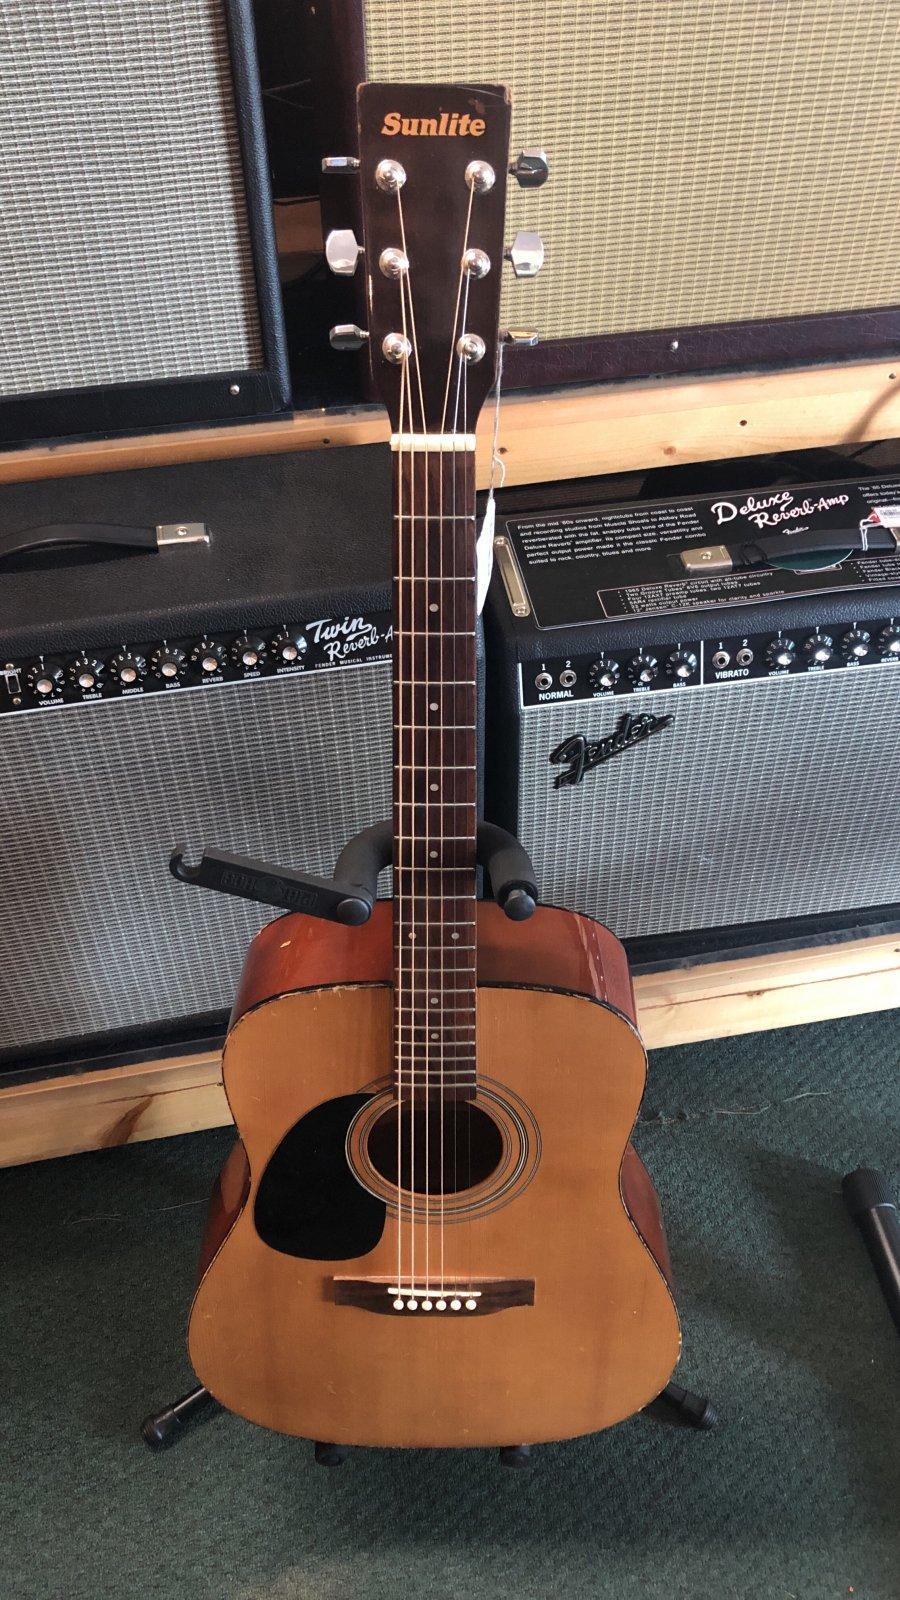 Sunlite Acoustic Guitar